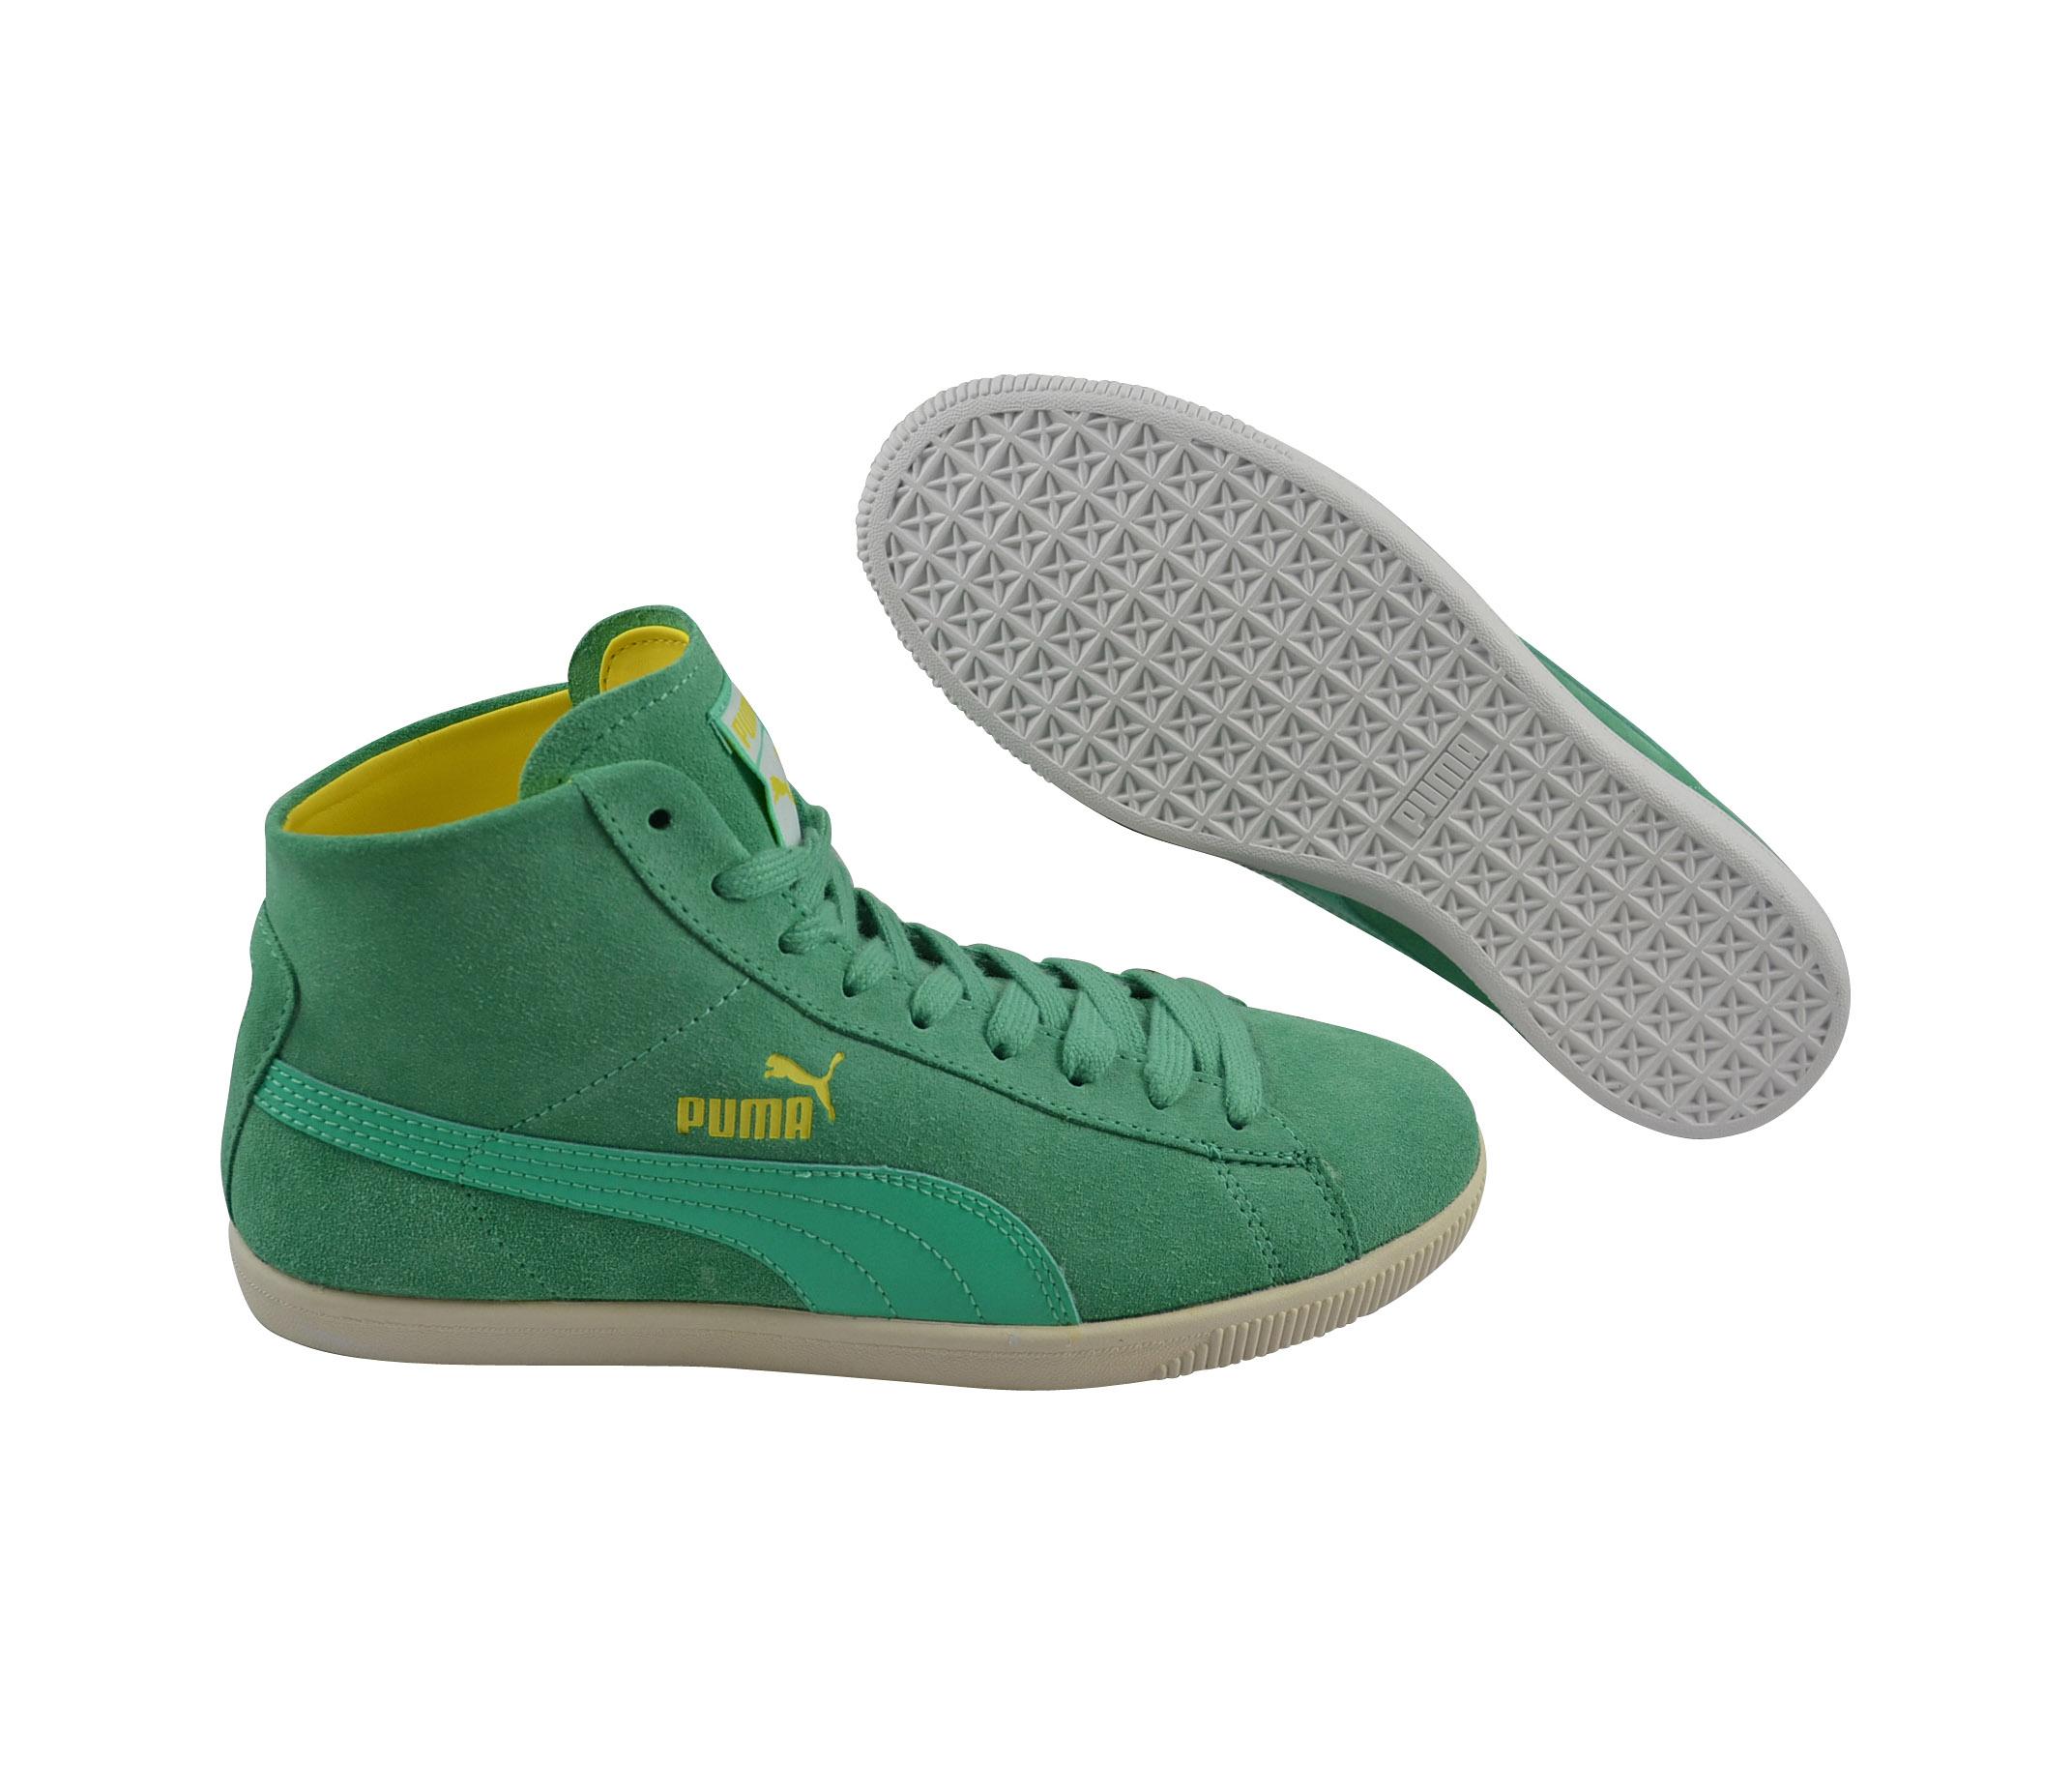 Puma Glyde Mid 354049 Damen Sneaker